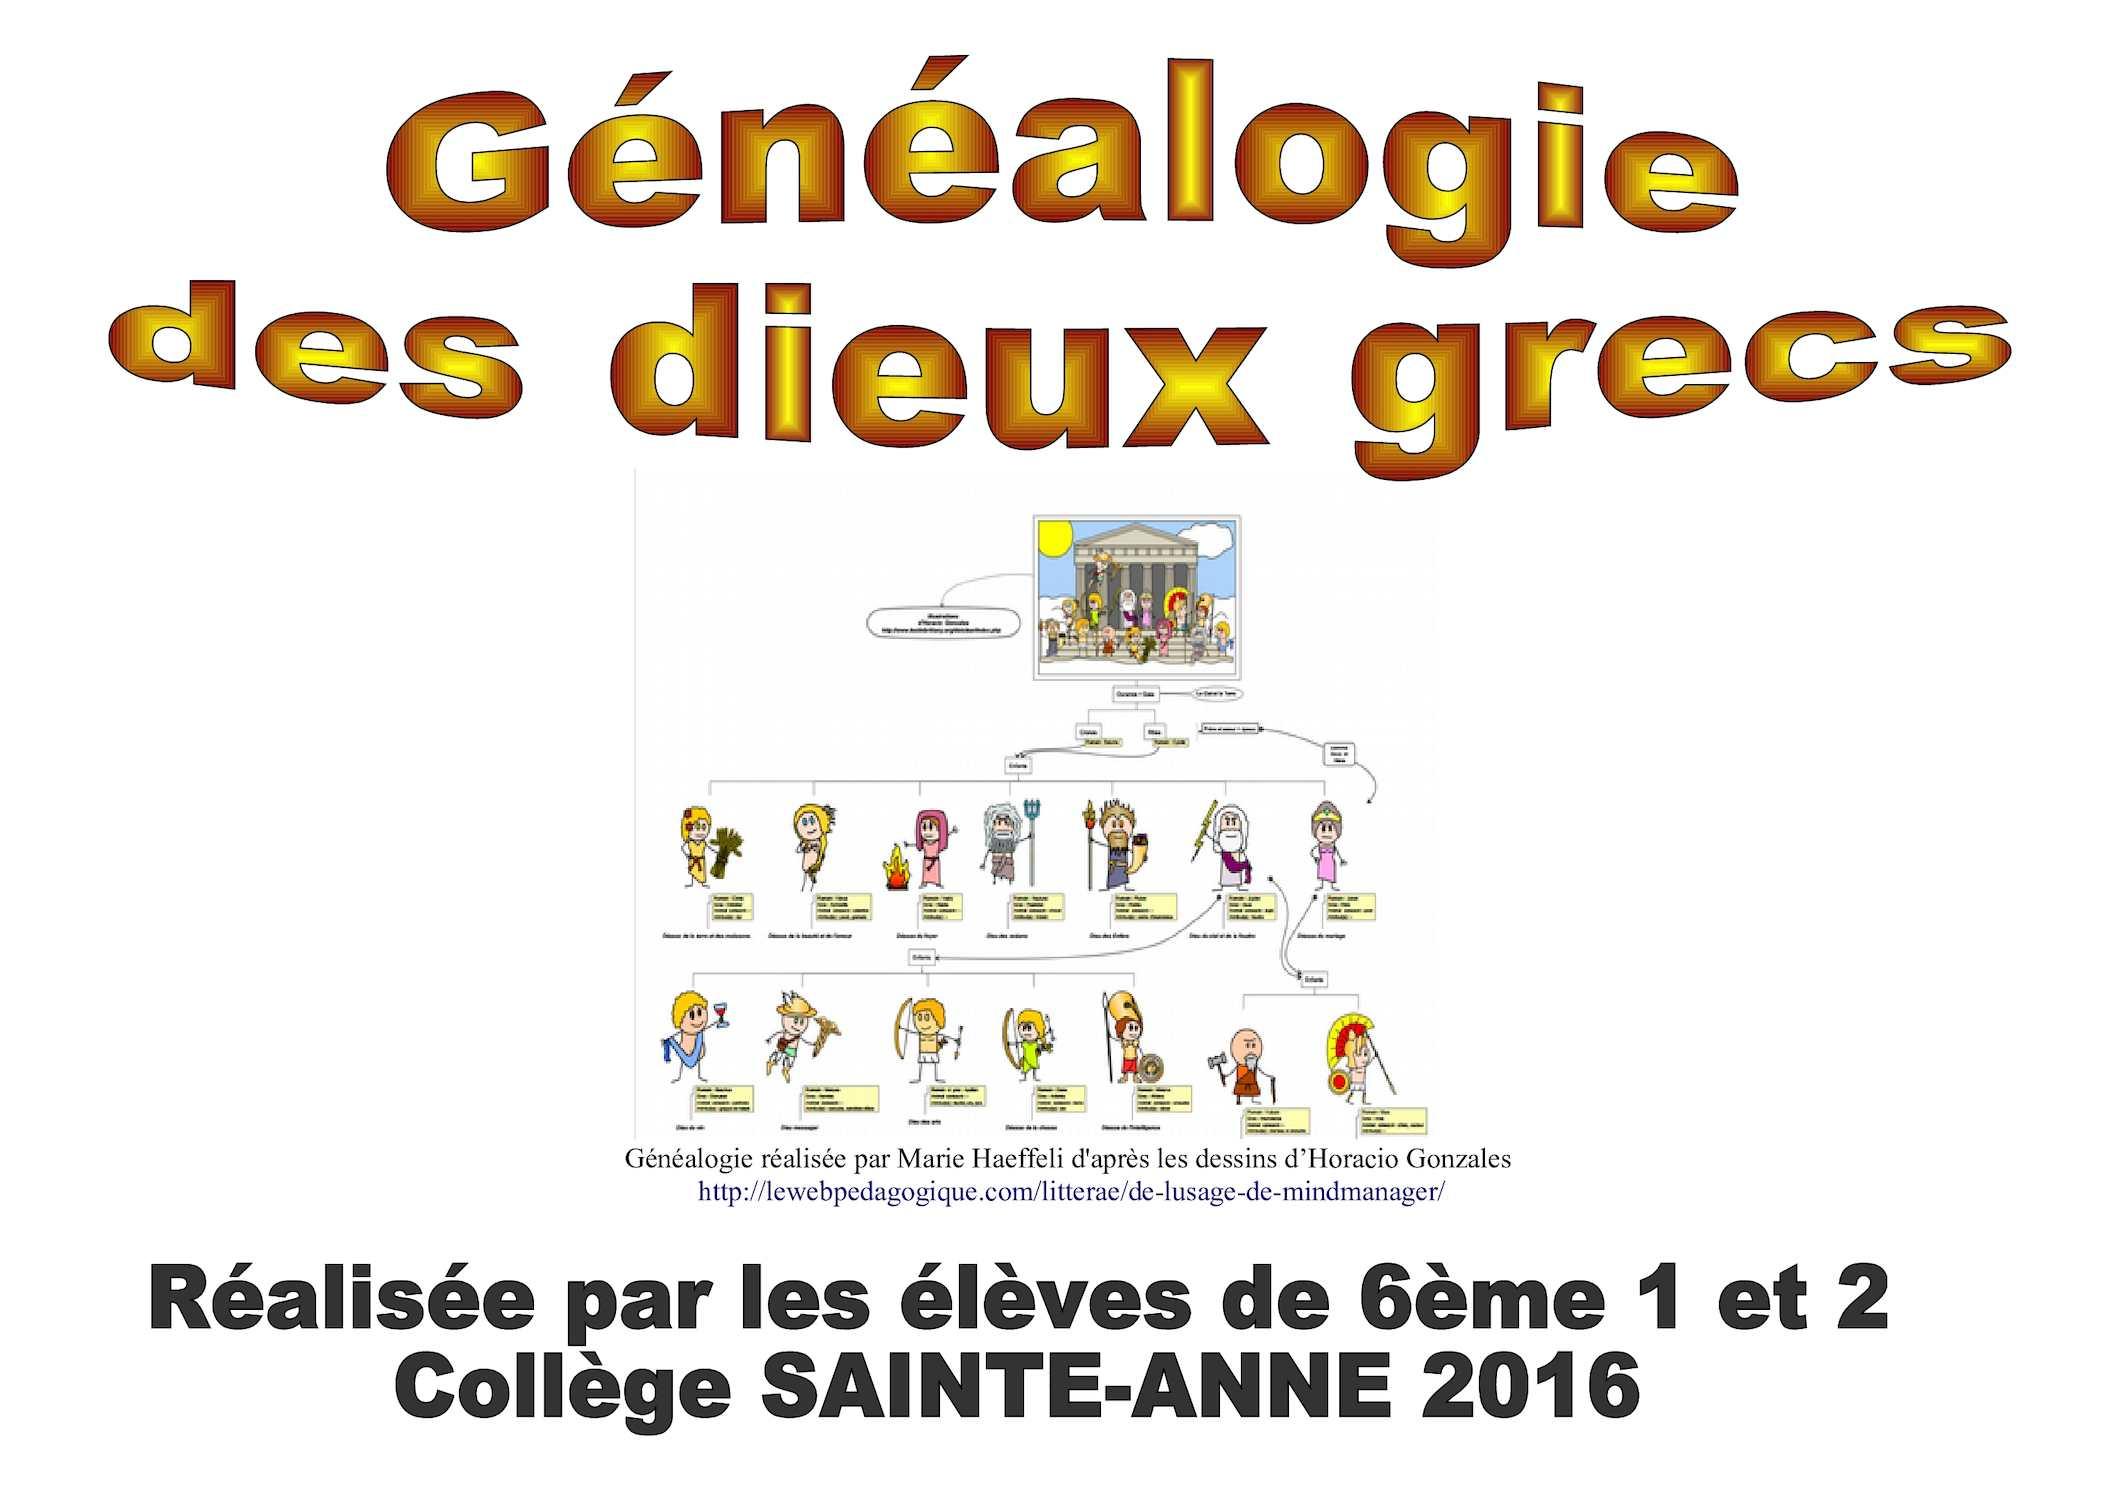 Extrêmement Calaméo - Généalogie des dieux grecs JO39